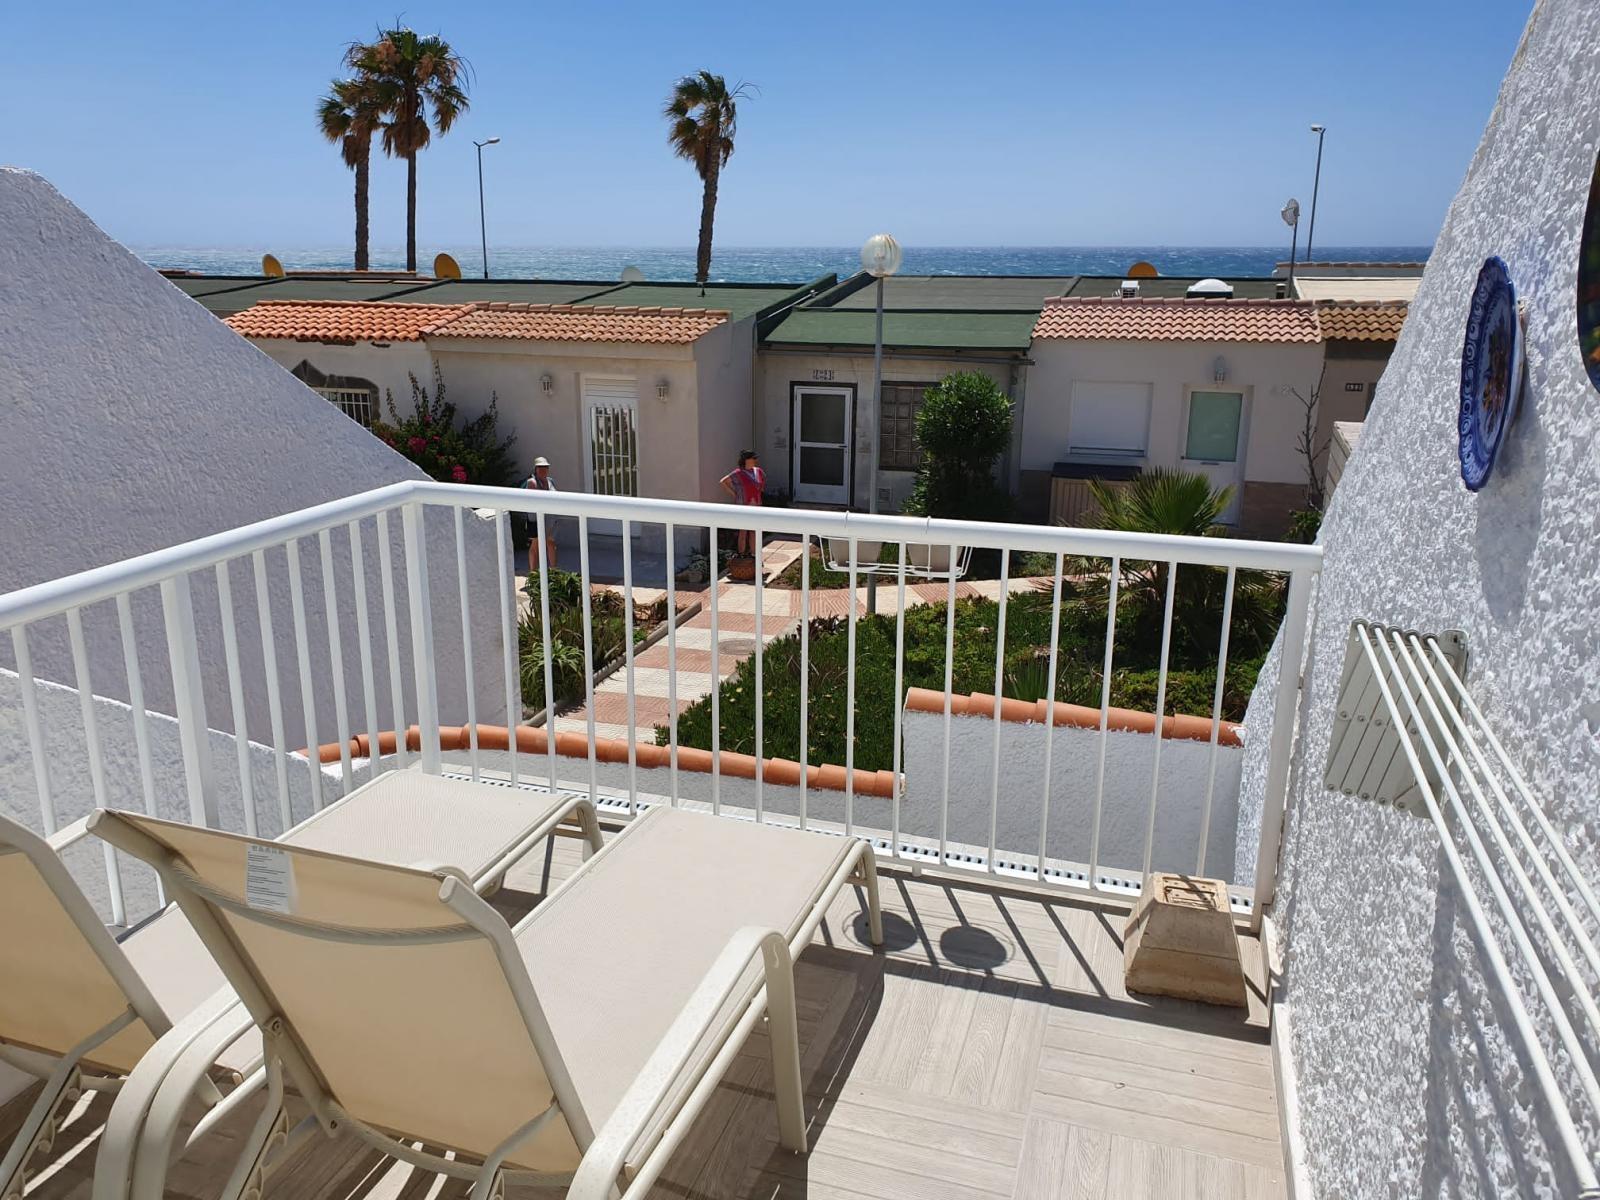 Apartment for rent in Primera Línea, Roquetas de Mar